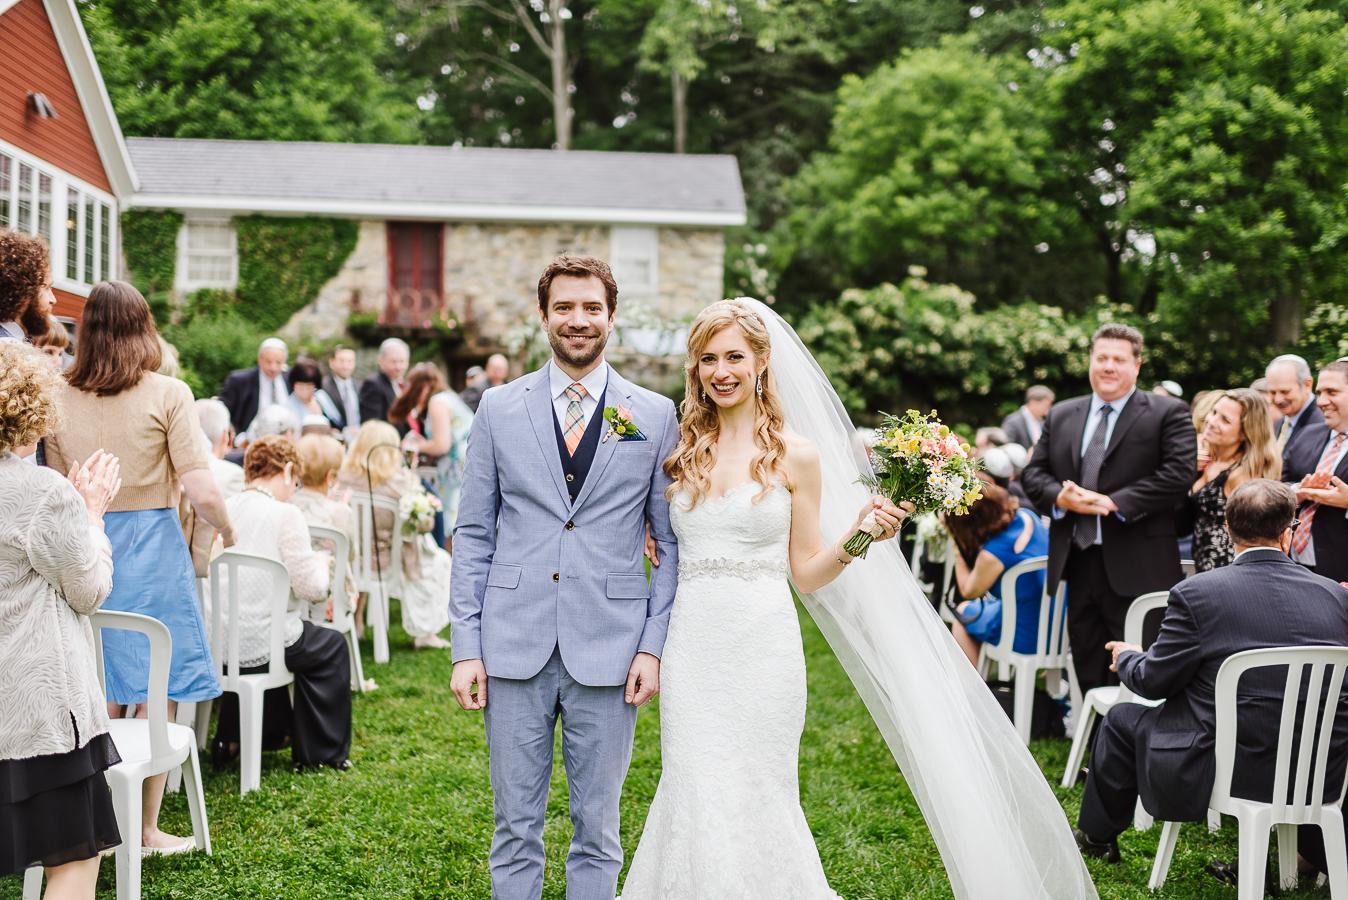 Stylish Crossed Keys Inn Wedding Crossed Keys Wedding Crossed Keys Inn Andover NJ Longbrook Photography-49.jpg